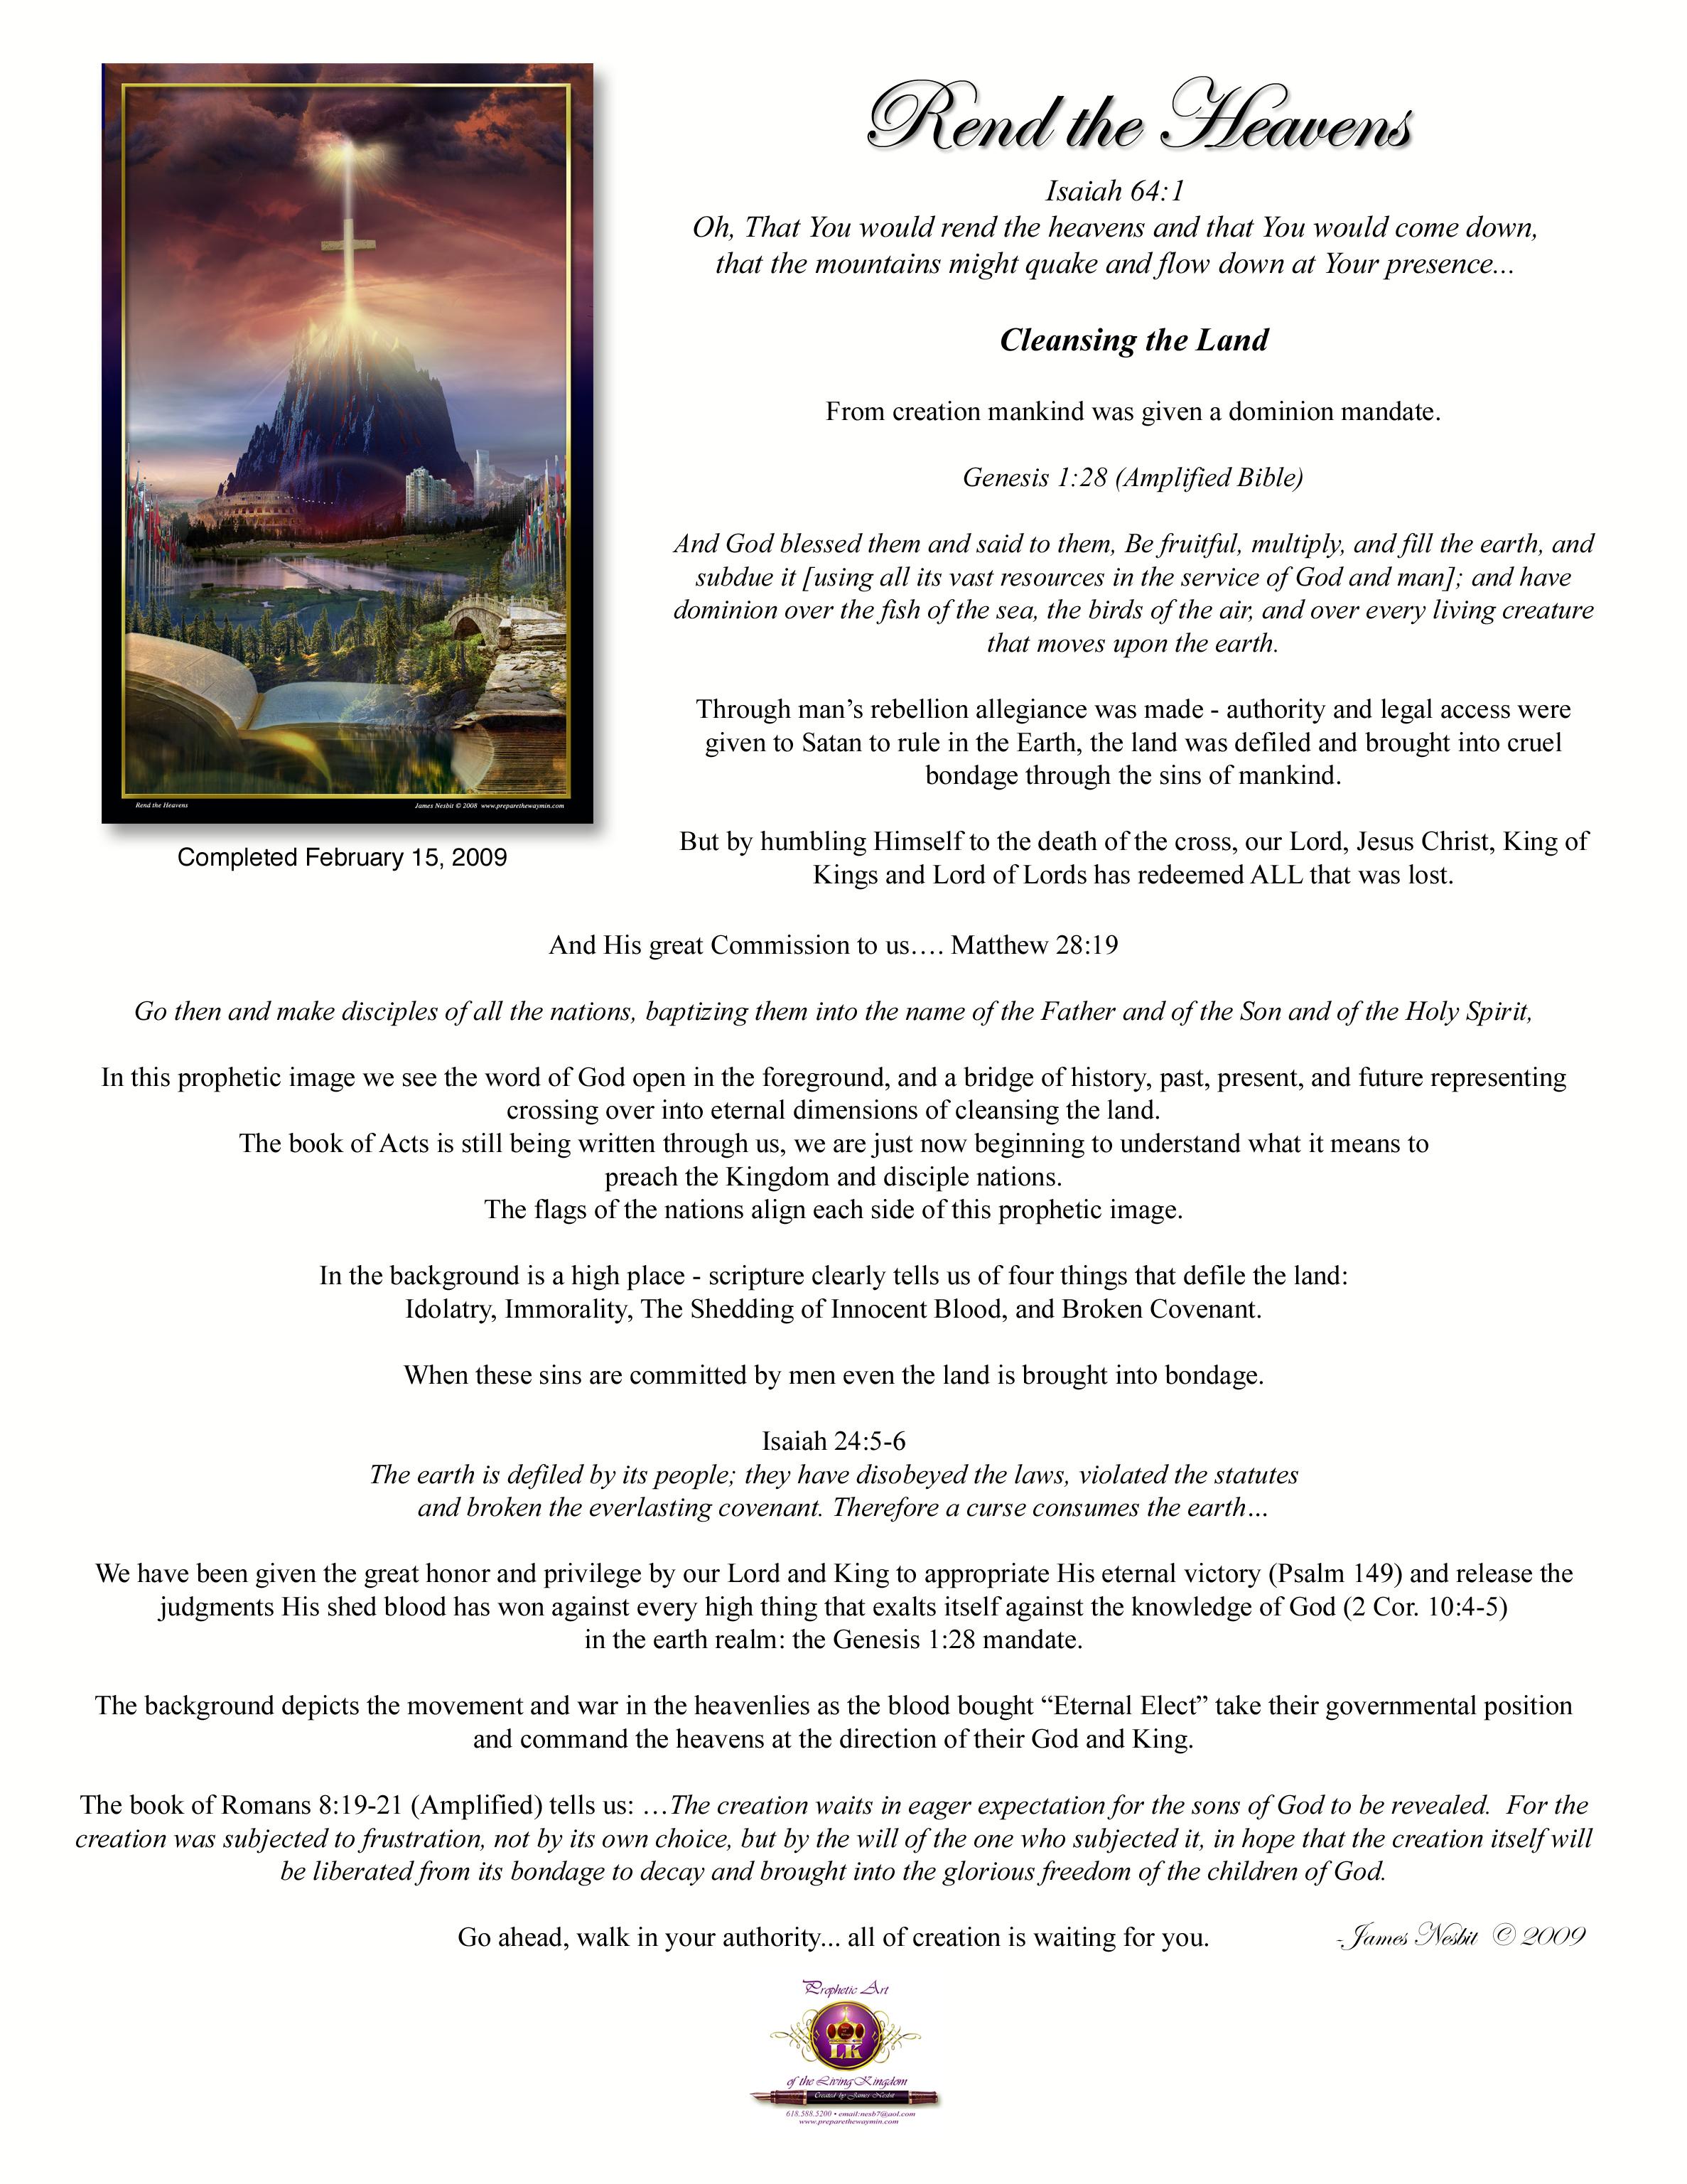 Rend the Heavens Description copy.jpg